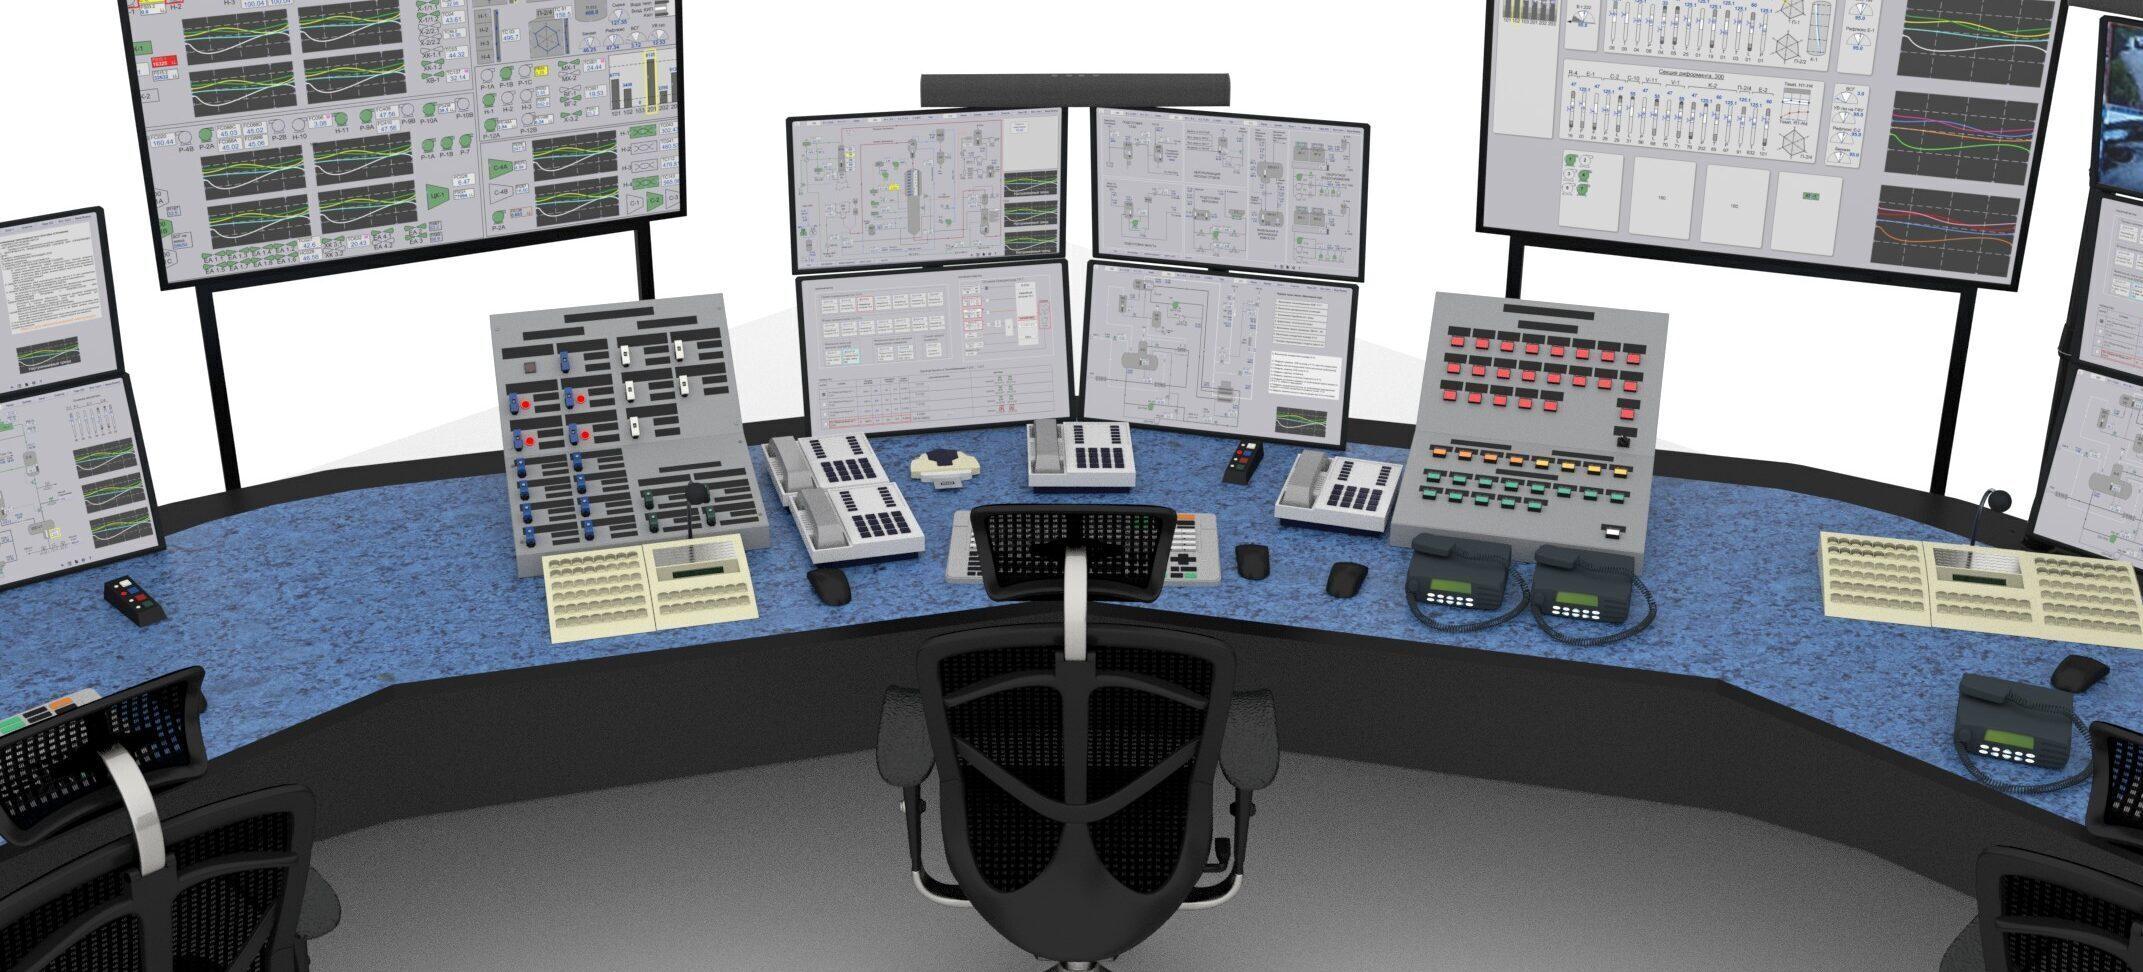 Проектирование рабочих мест в соответствии с ГОСТ, СанПиН и СНиП